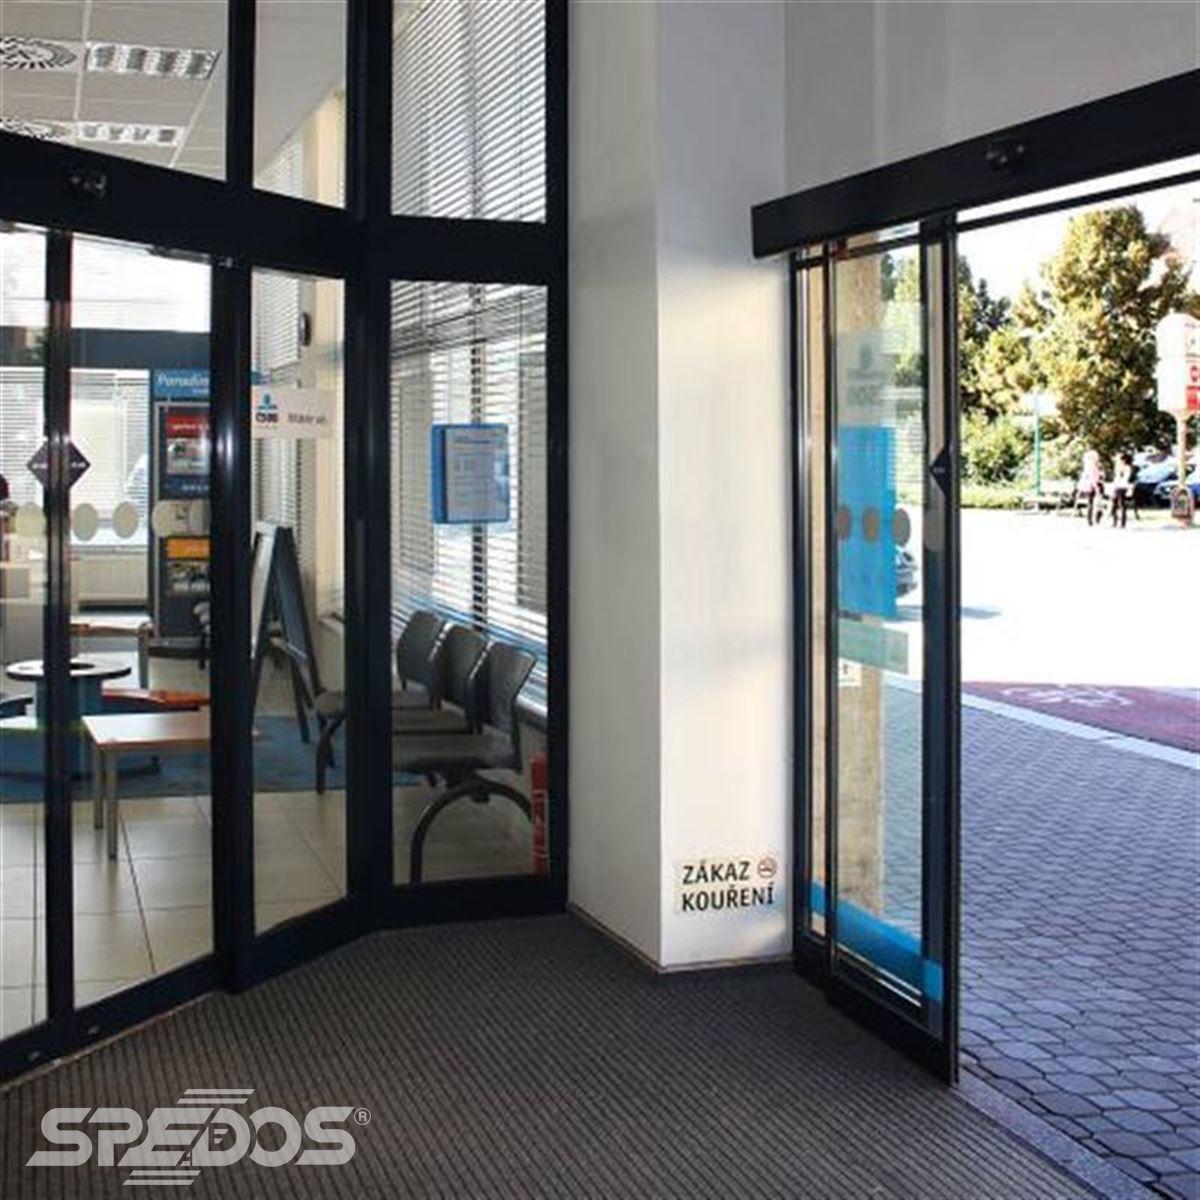 Automatické dveře Spedos v zádveří